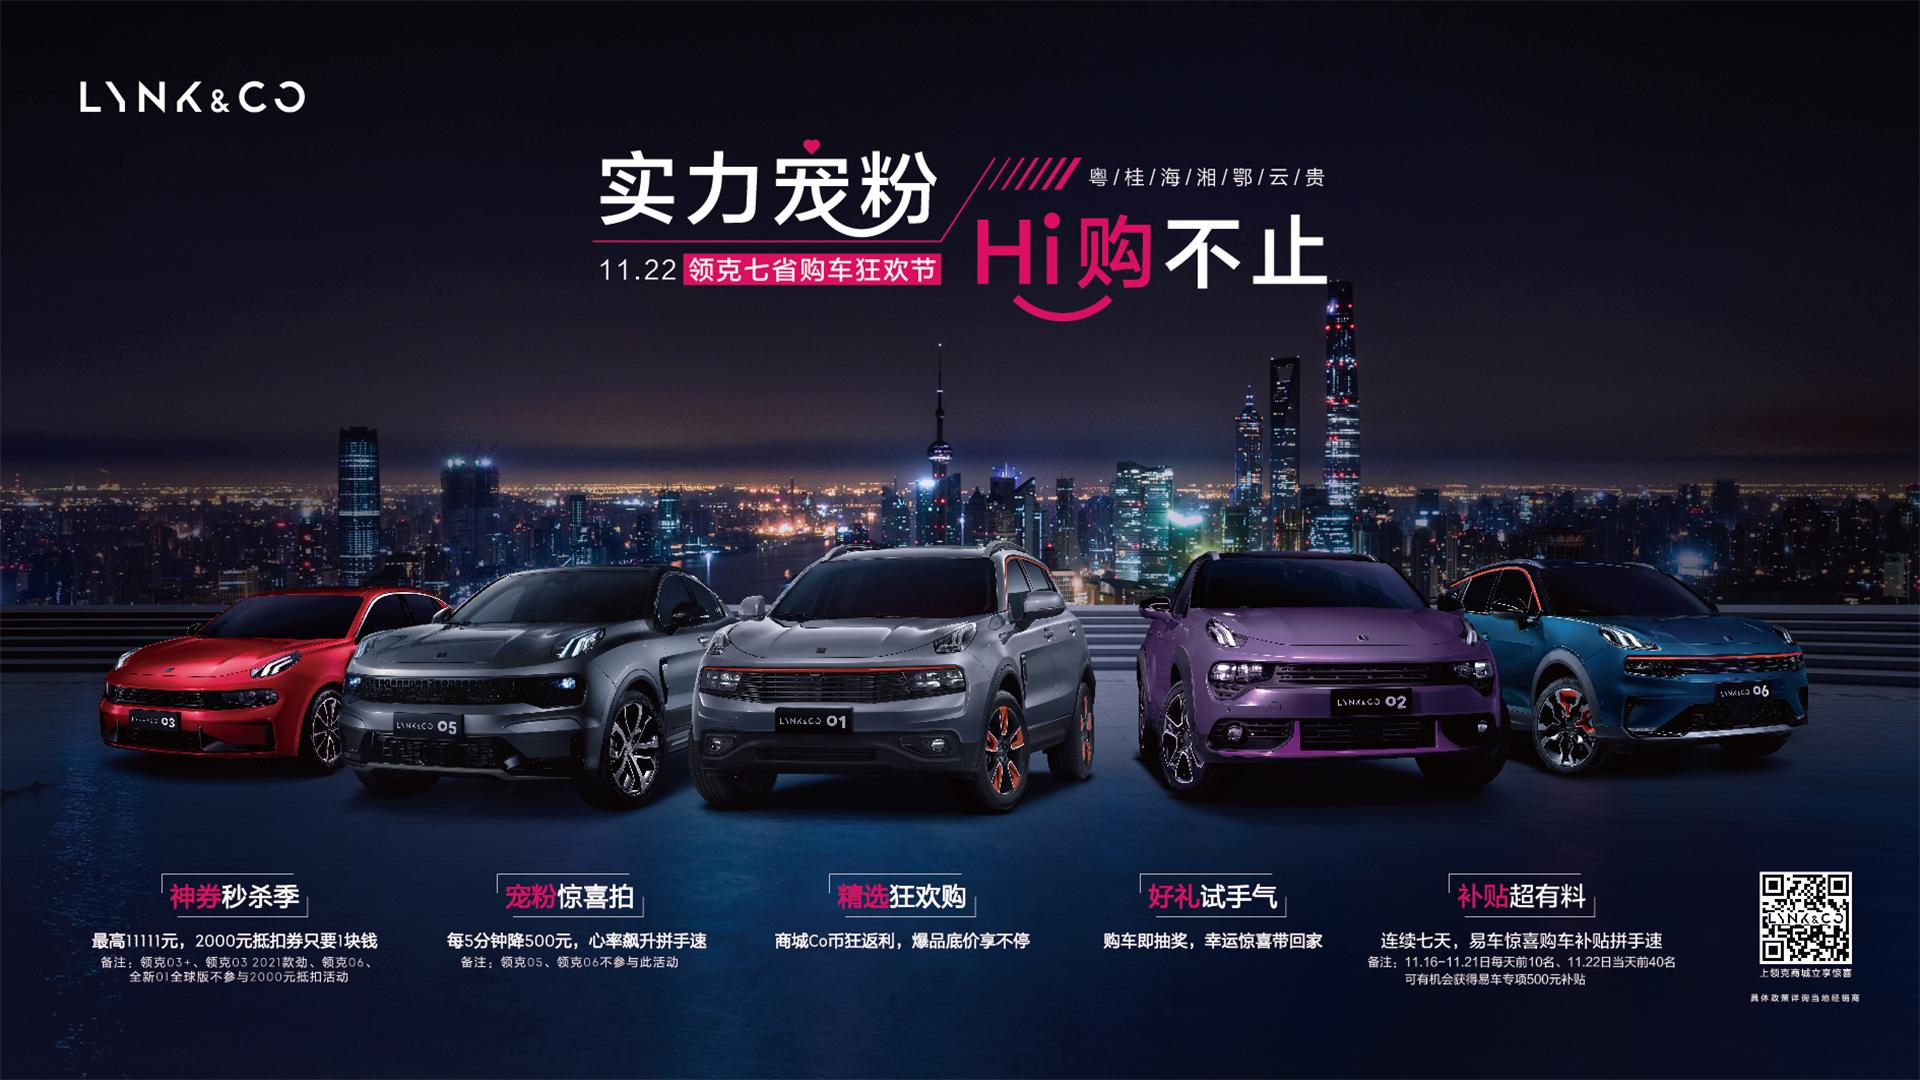 实力宠粉 HI购不止 领克七省购车狂欢节——武汉站